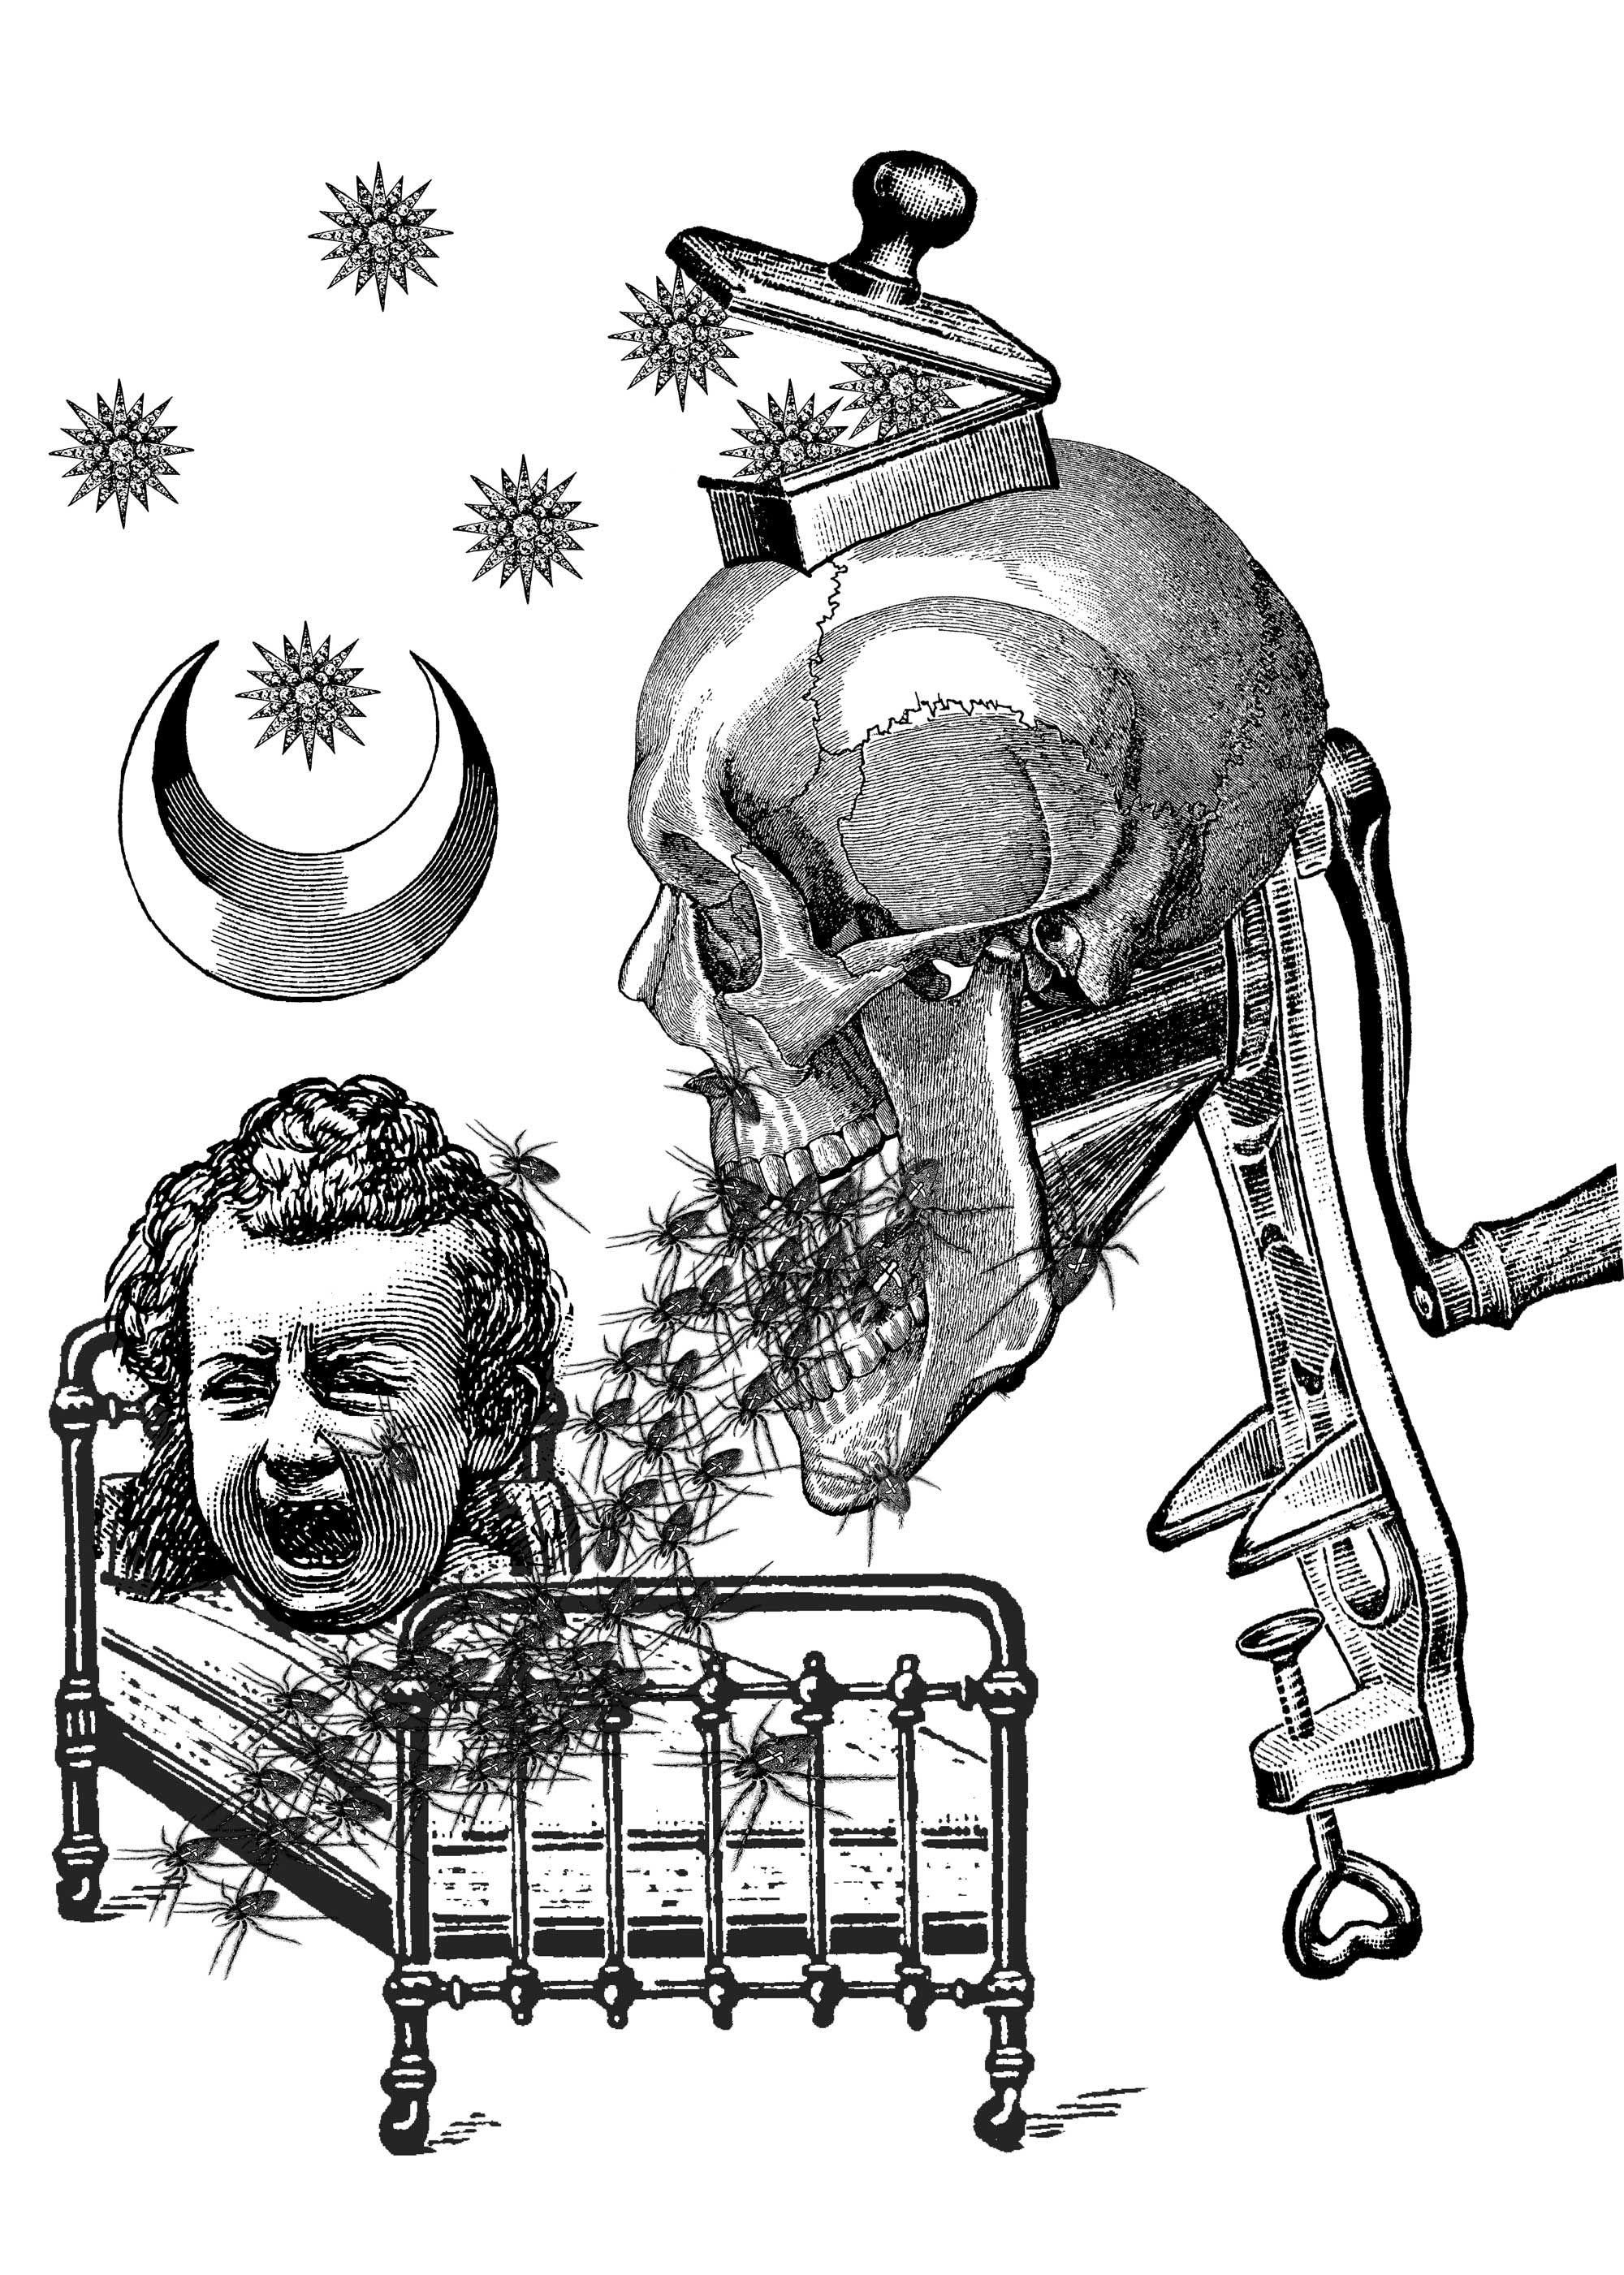 Dream machine victorian collage в 2020 г